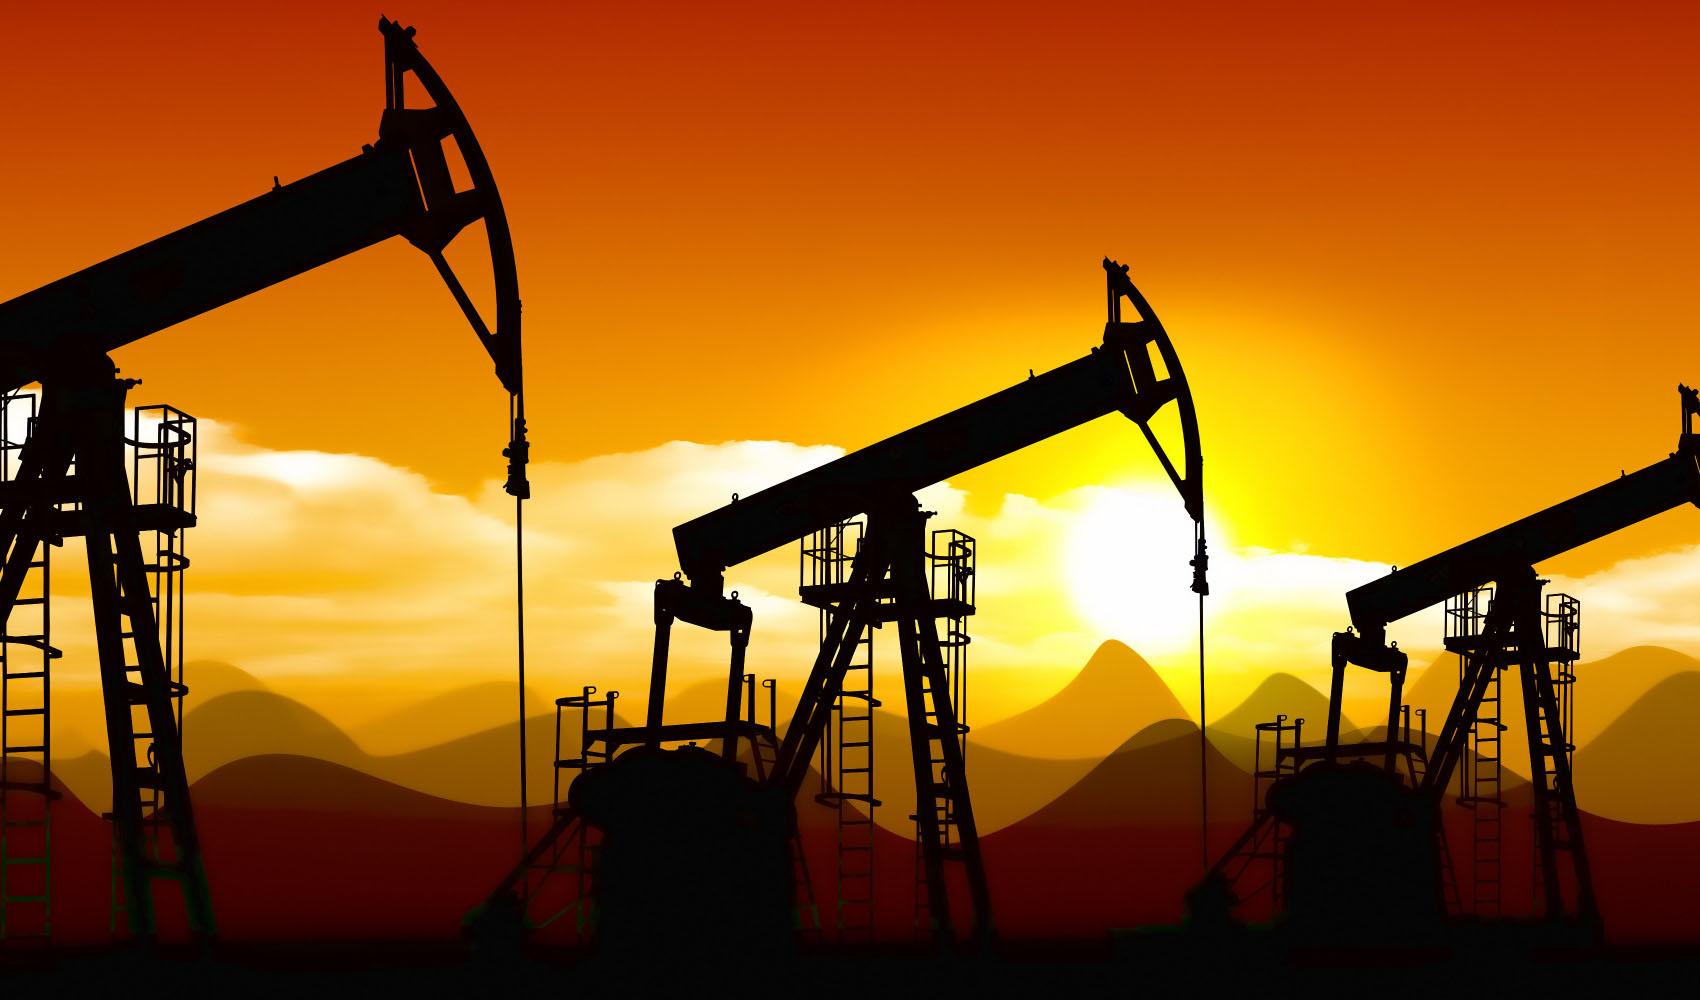 روسیه برای دهمین ماه متوالی دومین تولیدکننده بزرگ نفت جهان شد